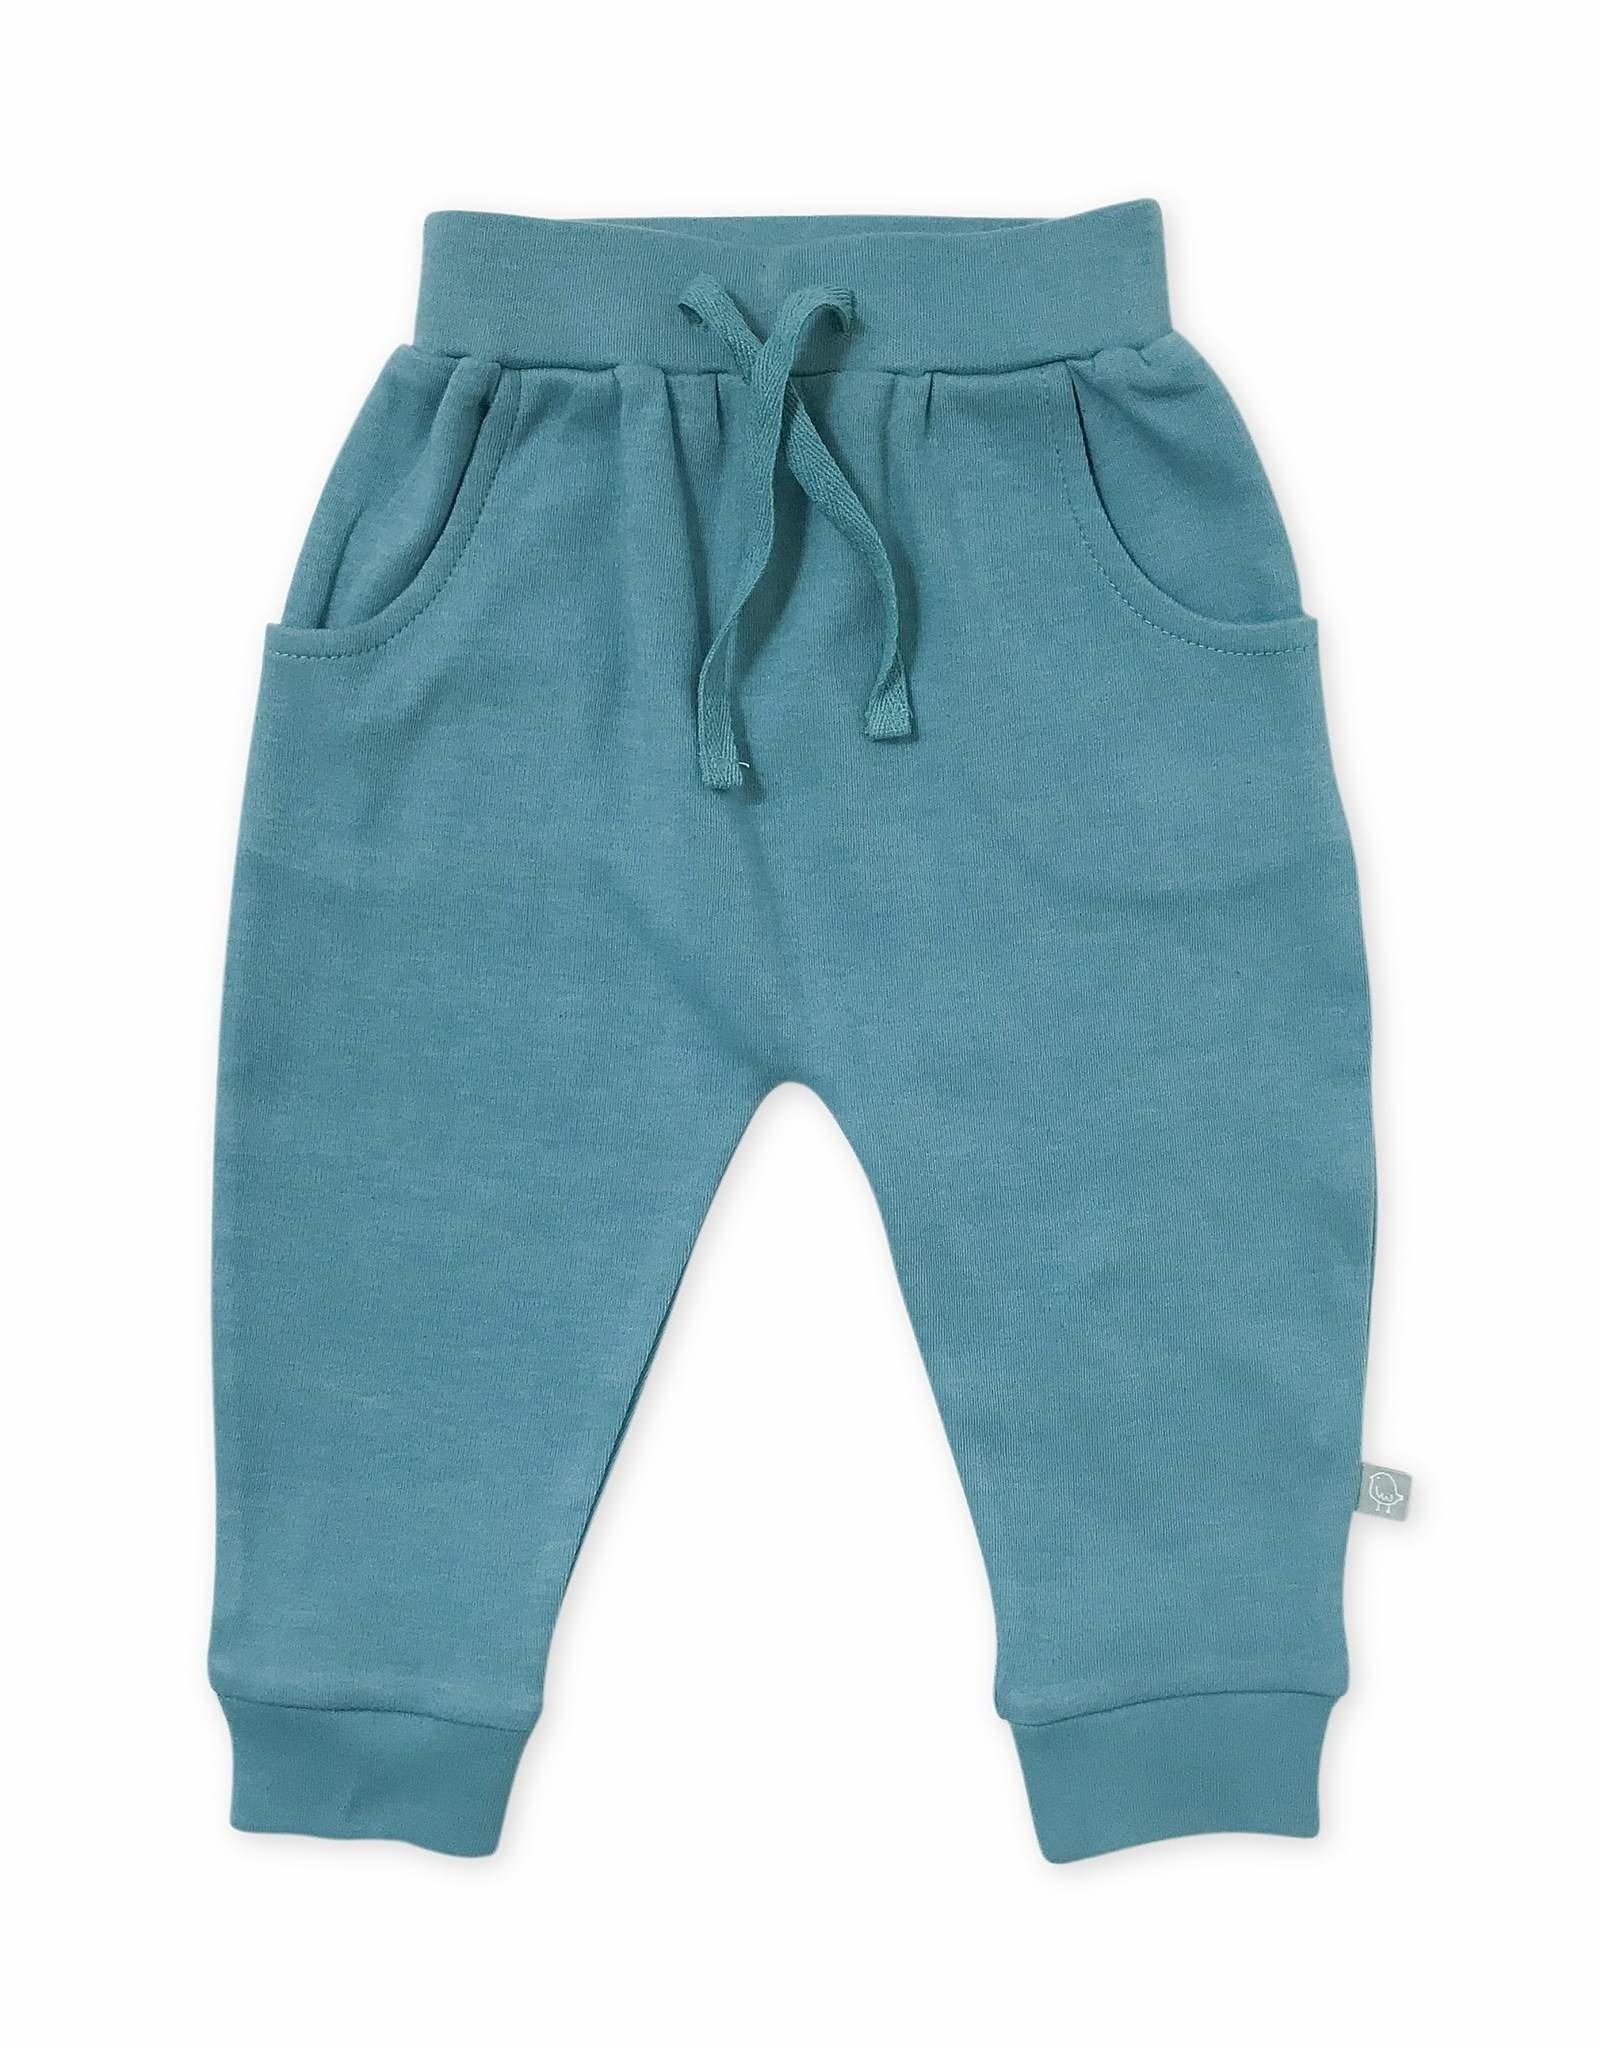 Finn & Emma Vintage Aqua Lounge Pants